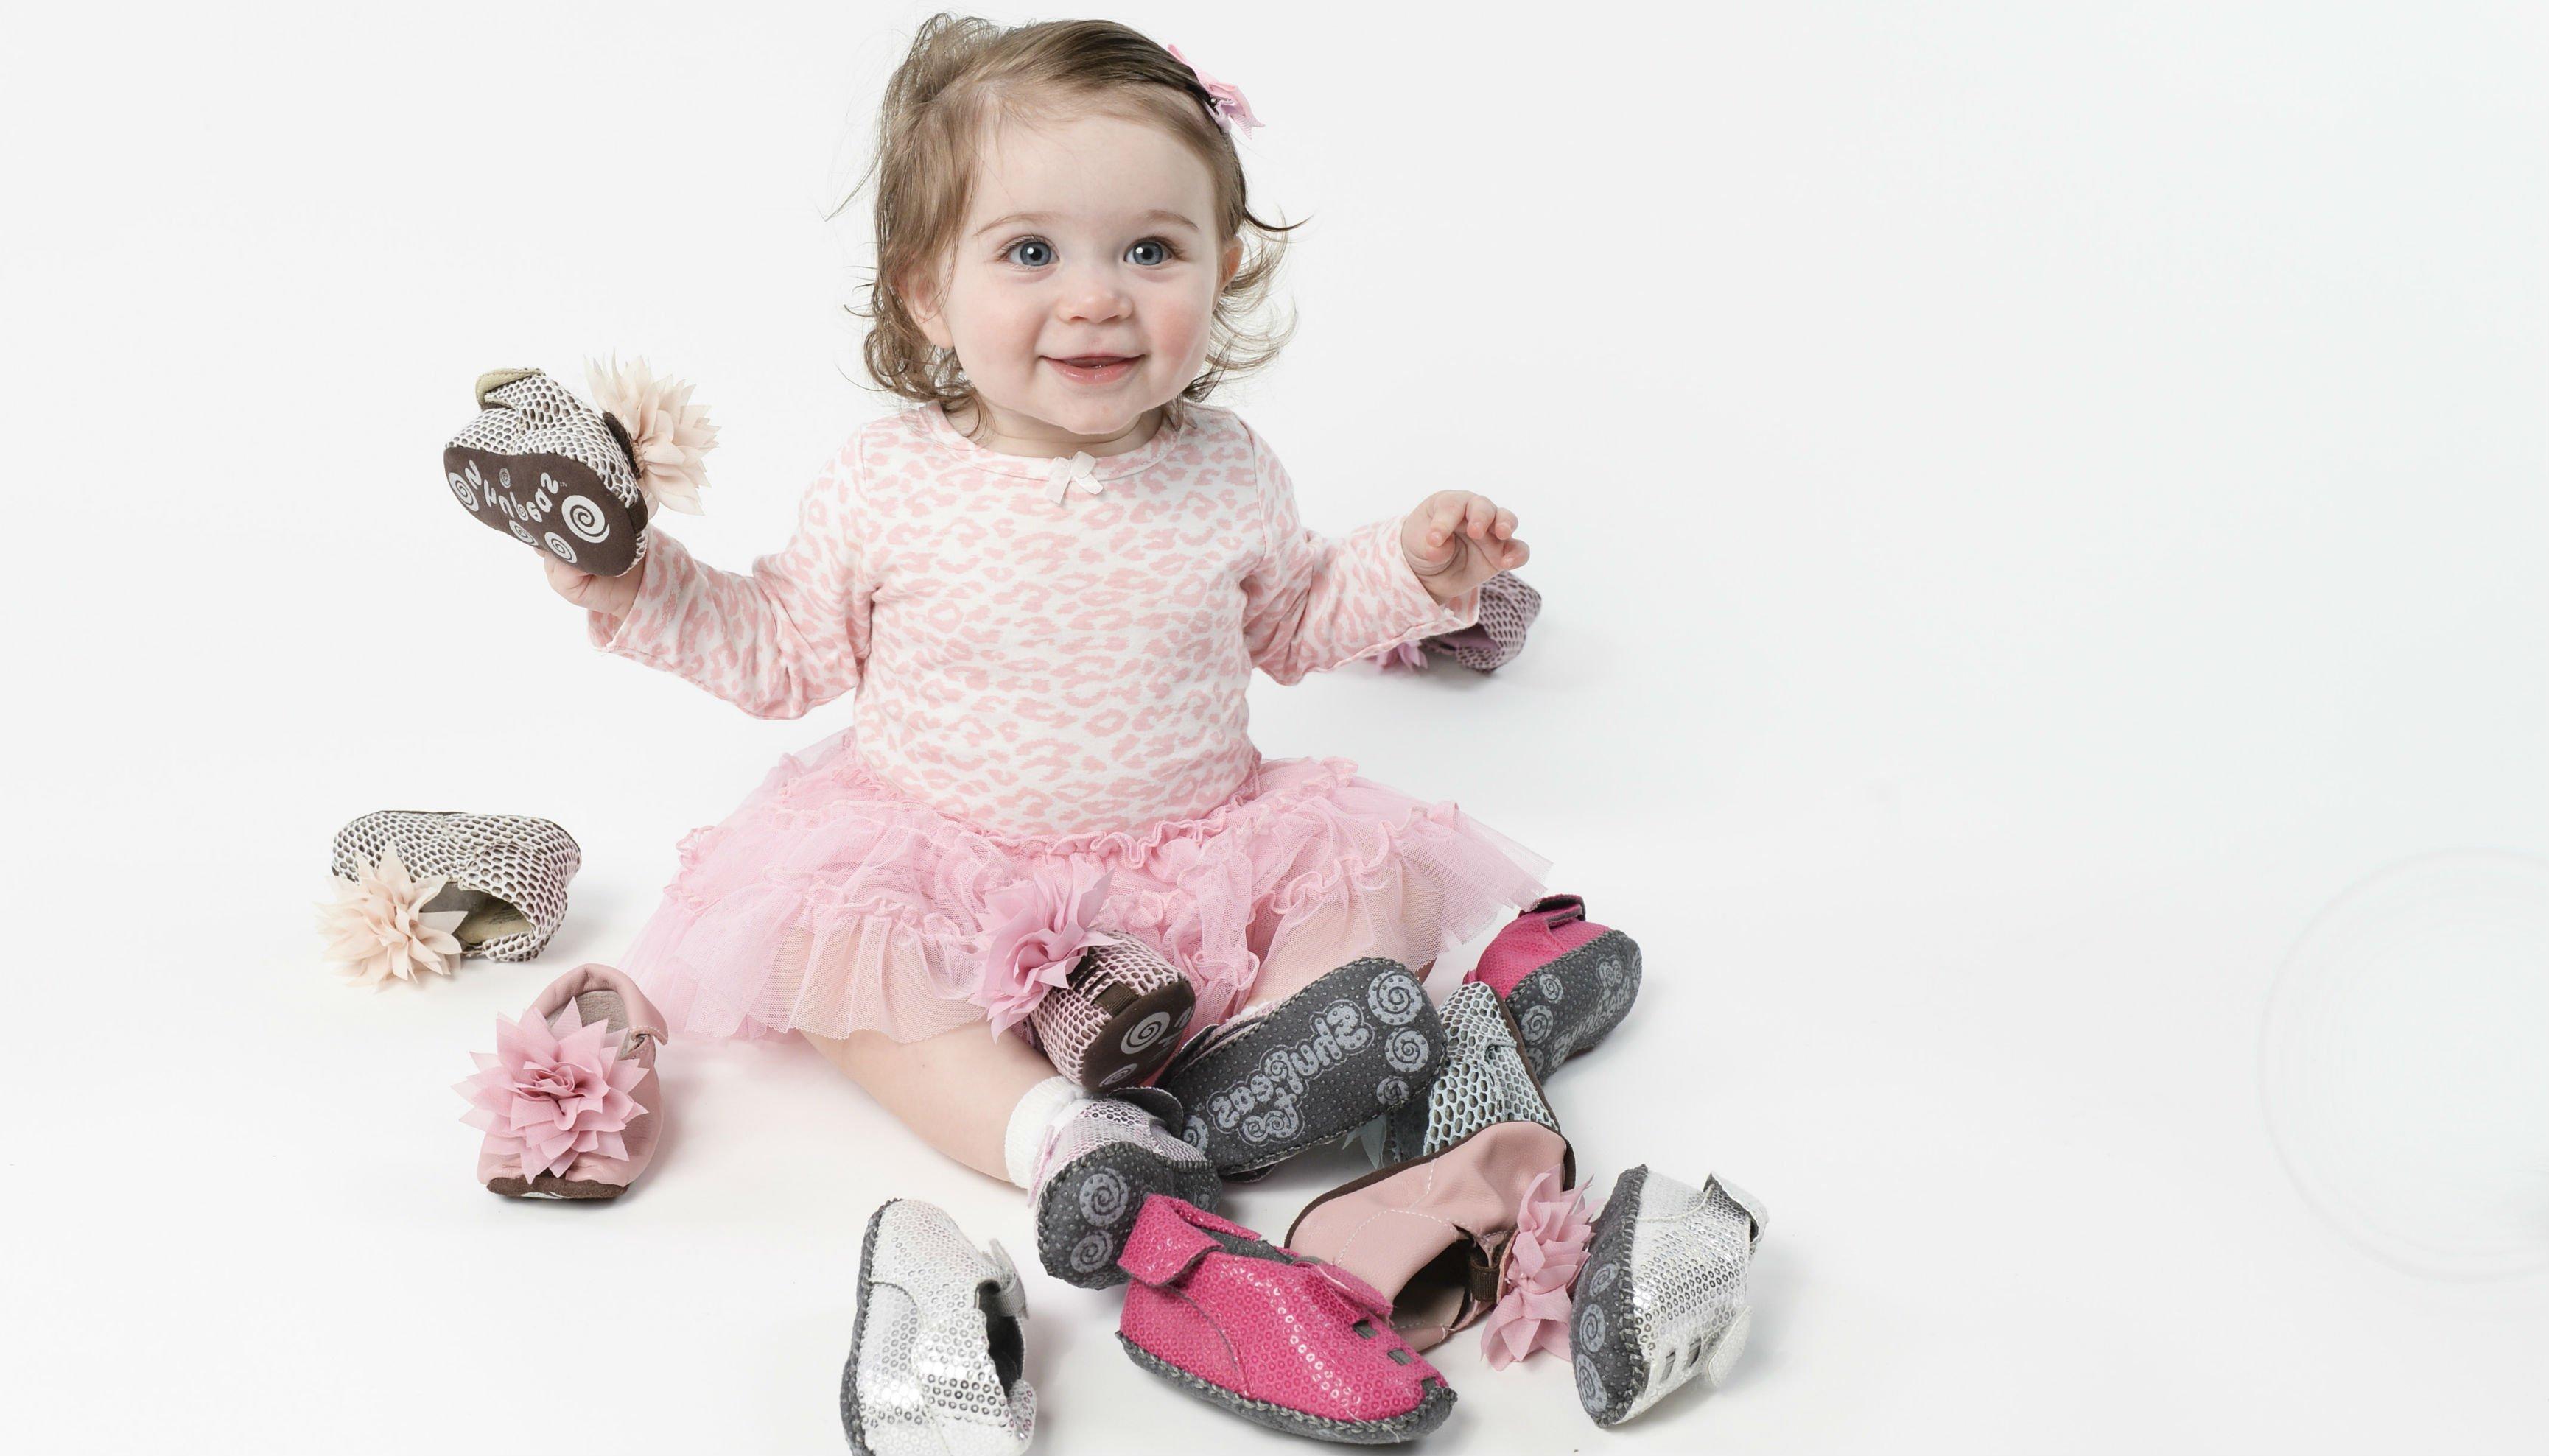 Прикольные детские картинки с обувью, открытки гиф открытка